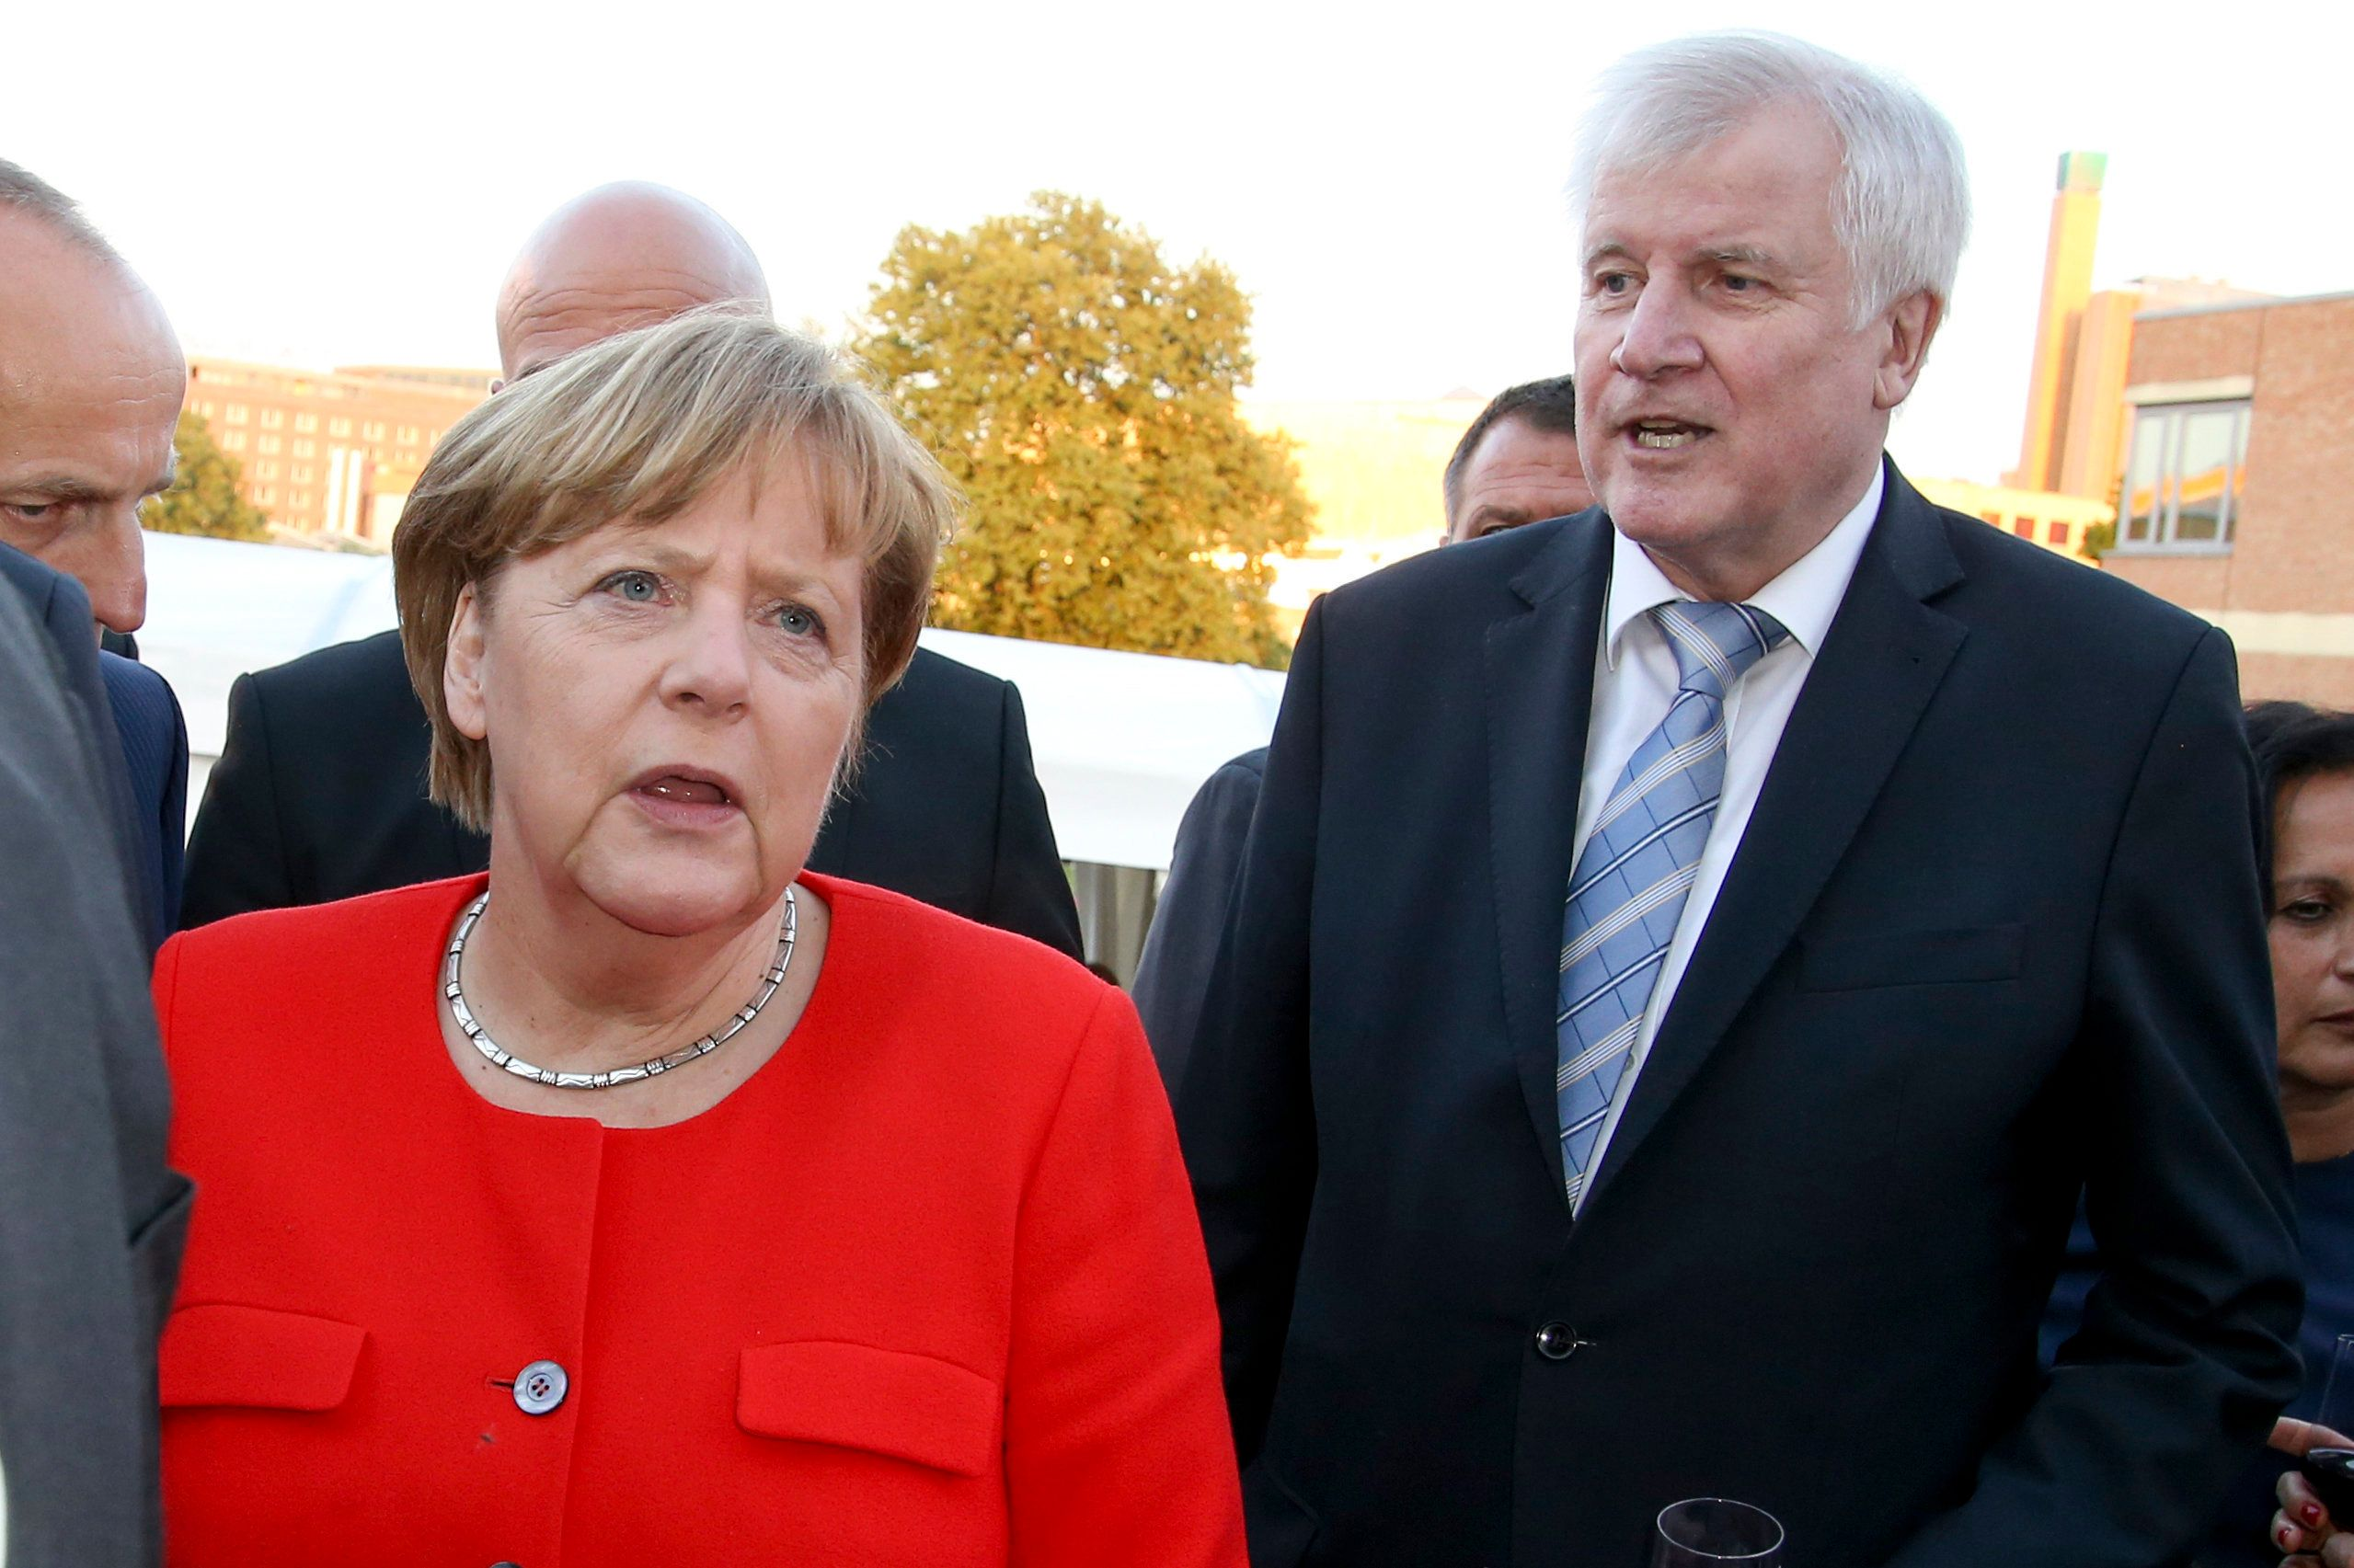 Erste CDU-Politiker stellen sich im Flüchtlingsstreit hinter Seehofer – und gegen